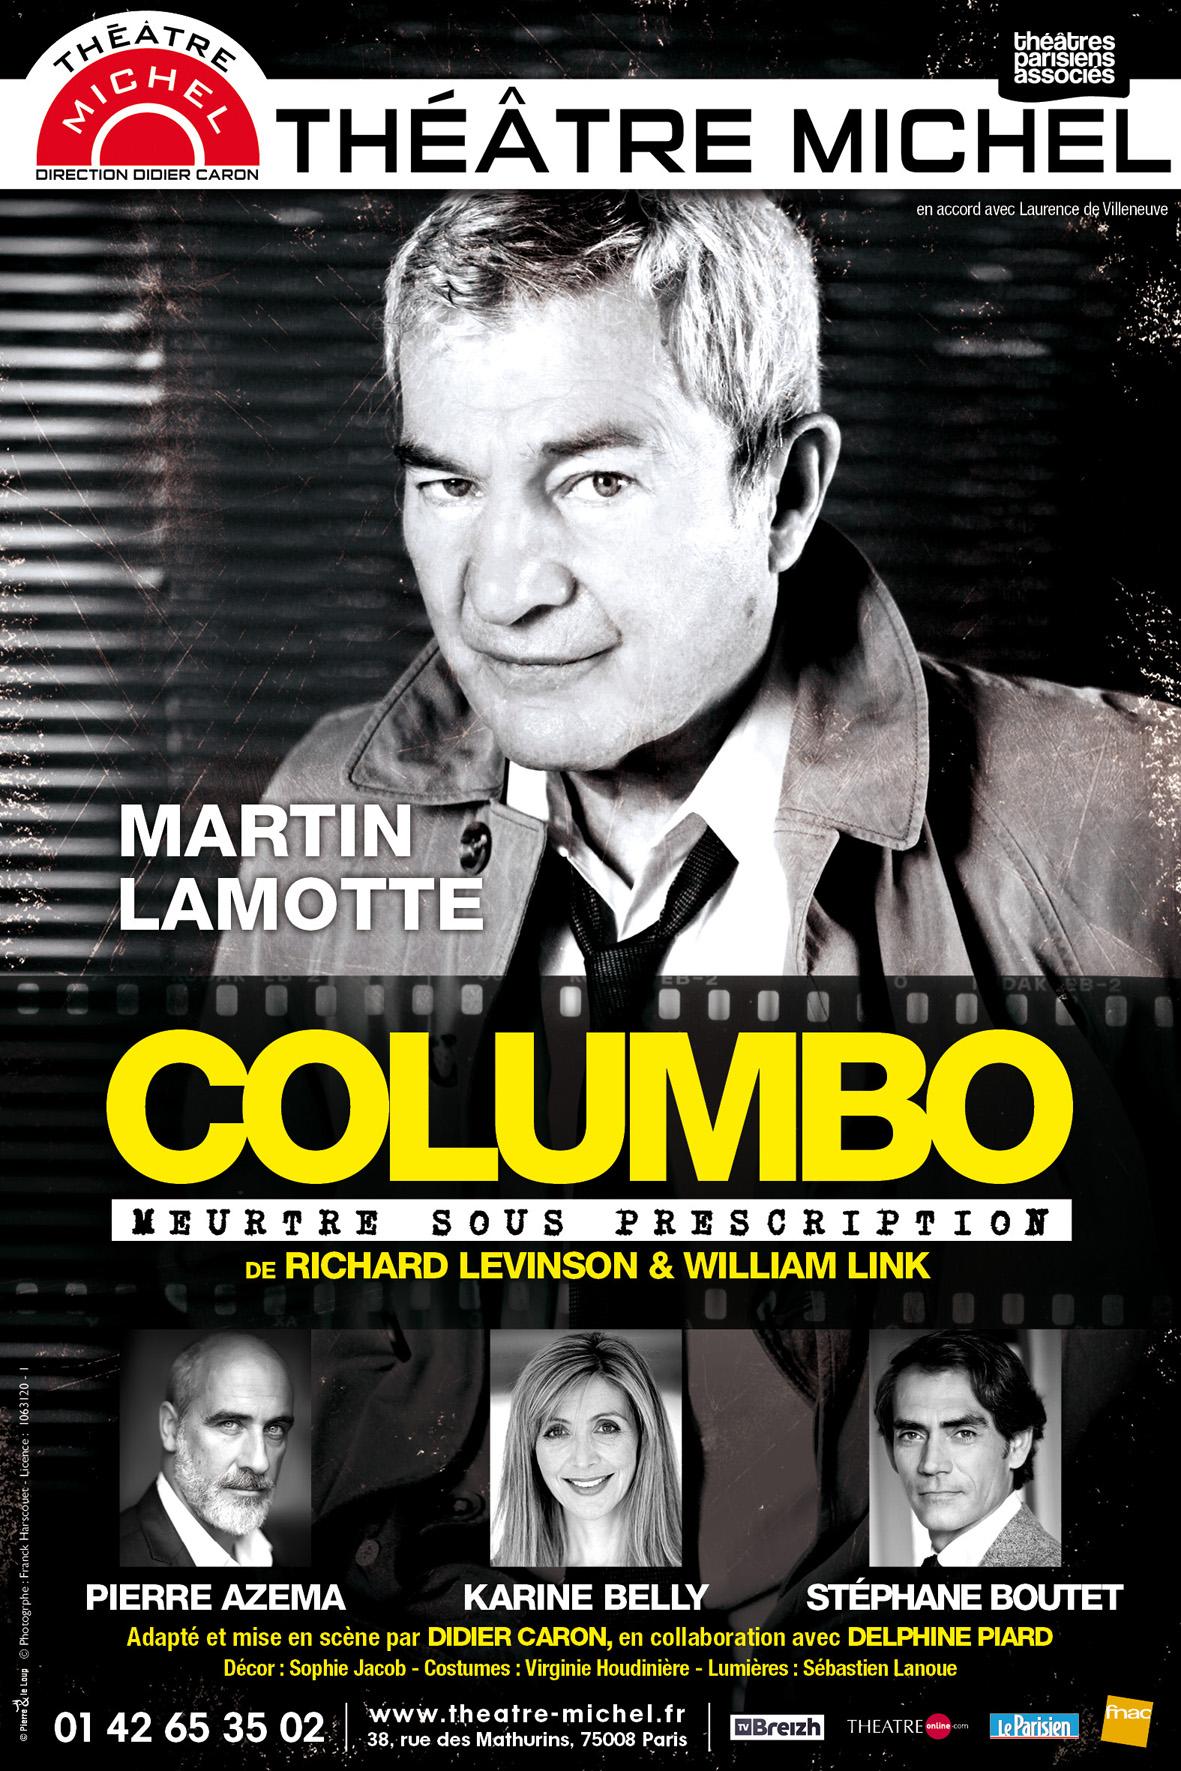 affiche du film Columbo, meurtre sous prescription